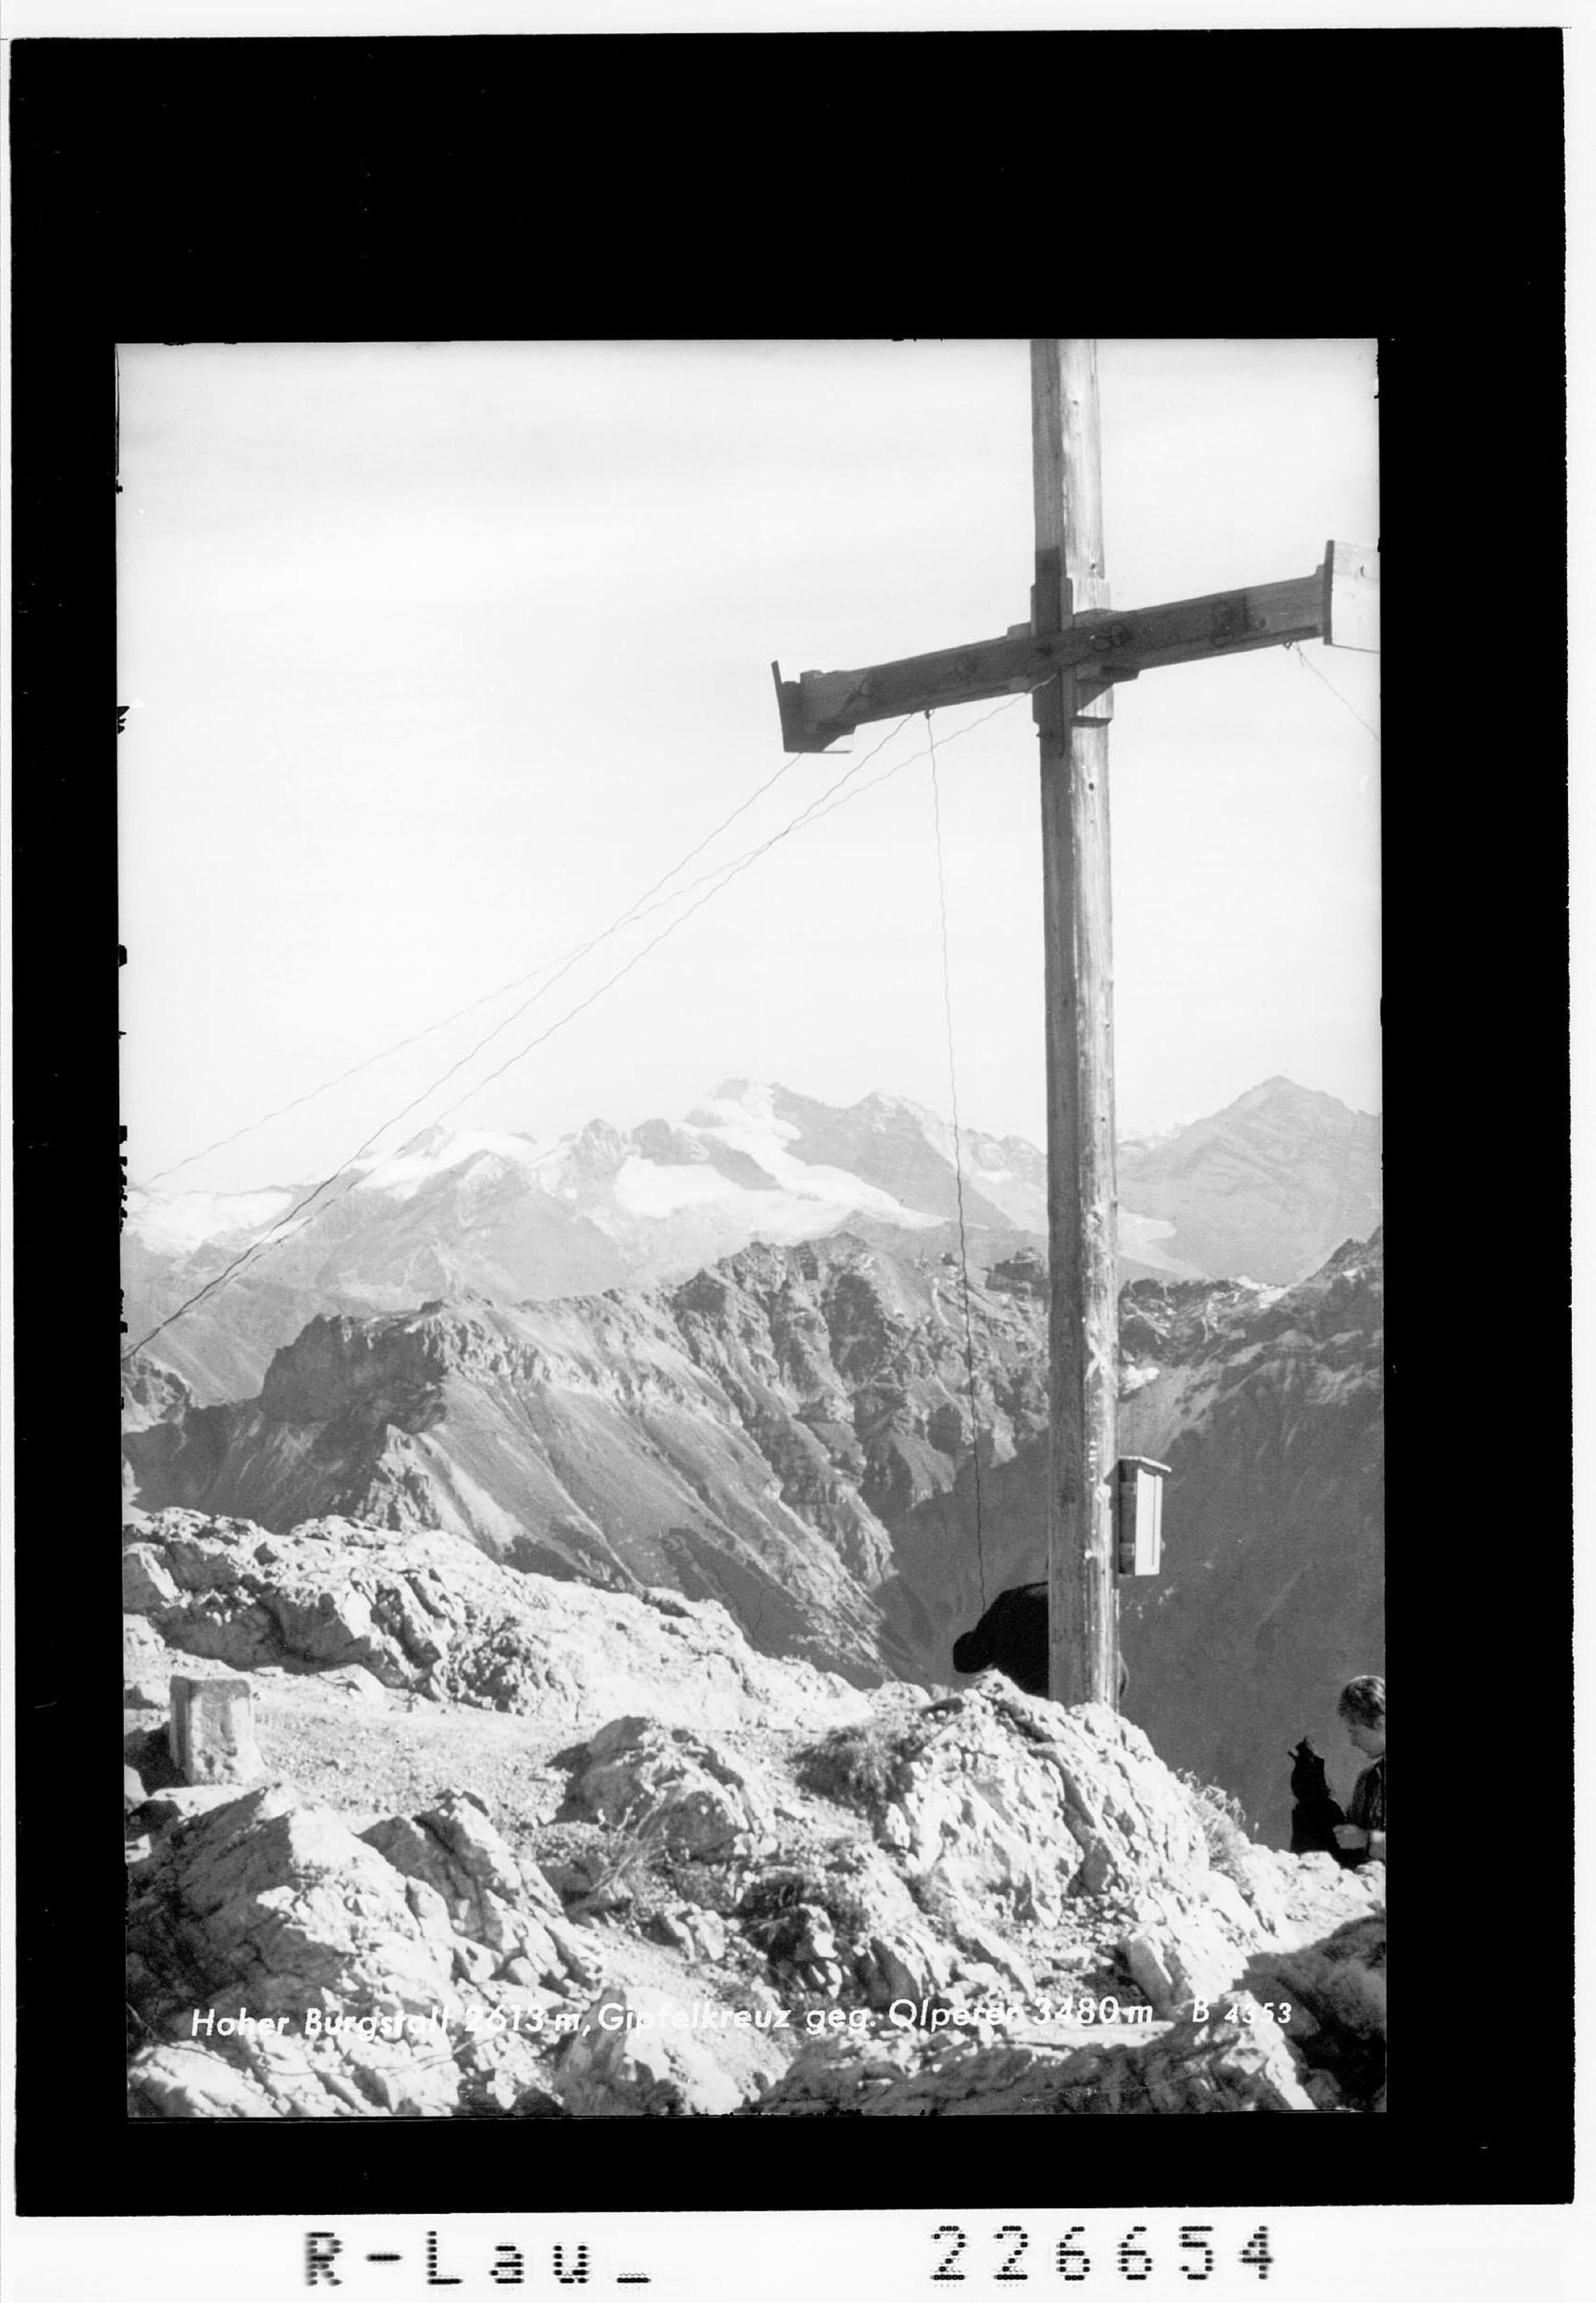 Hoher Burgstall 2613 m / Gipfelkreuz gegen Olperer 3480 m von Wilhelm Stempfle